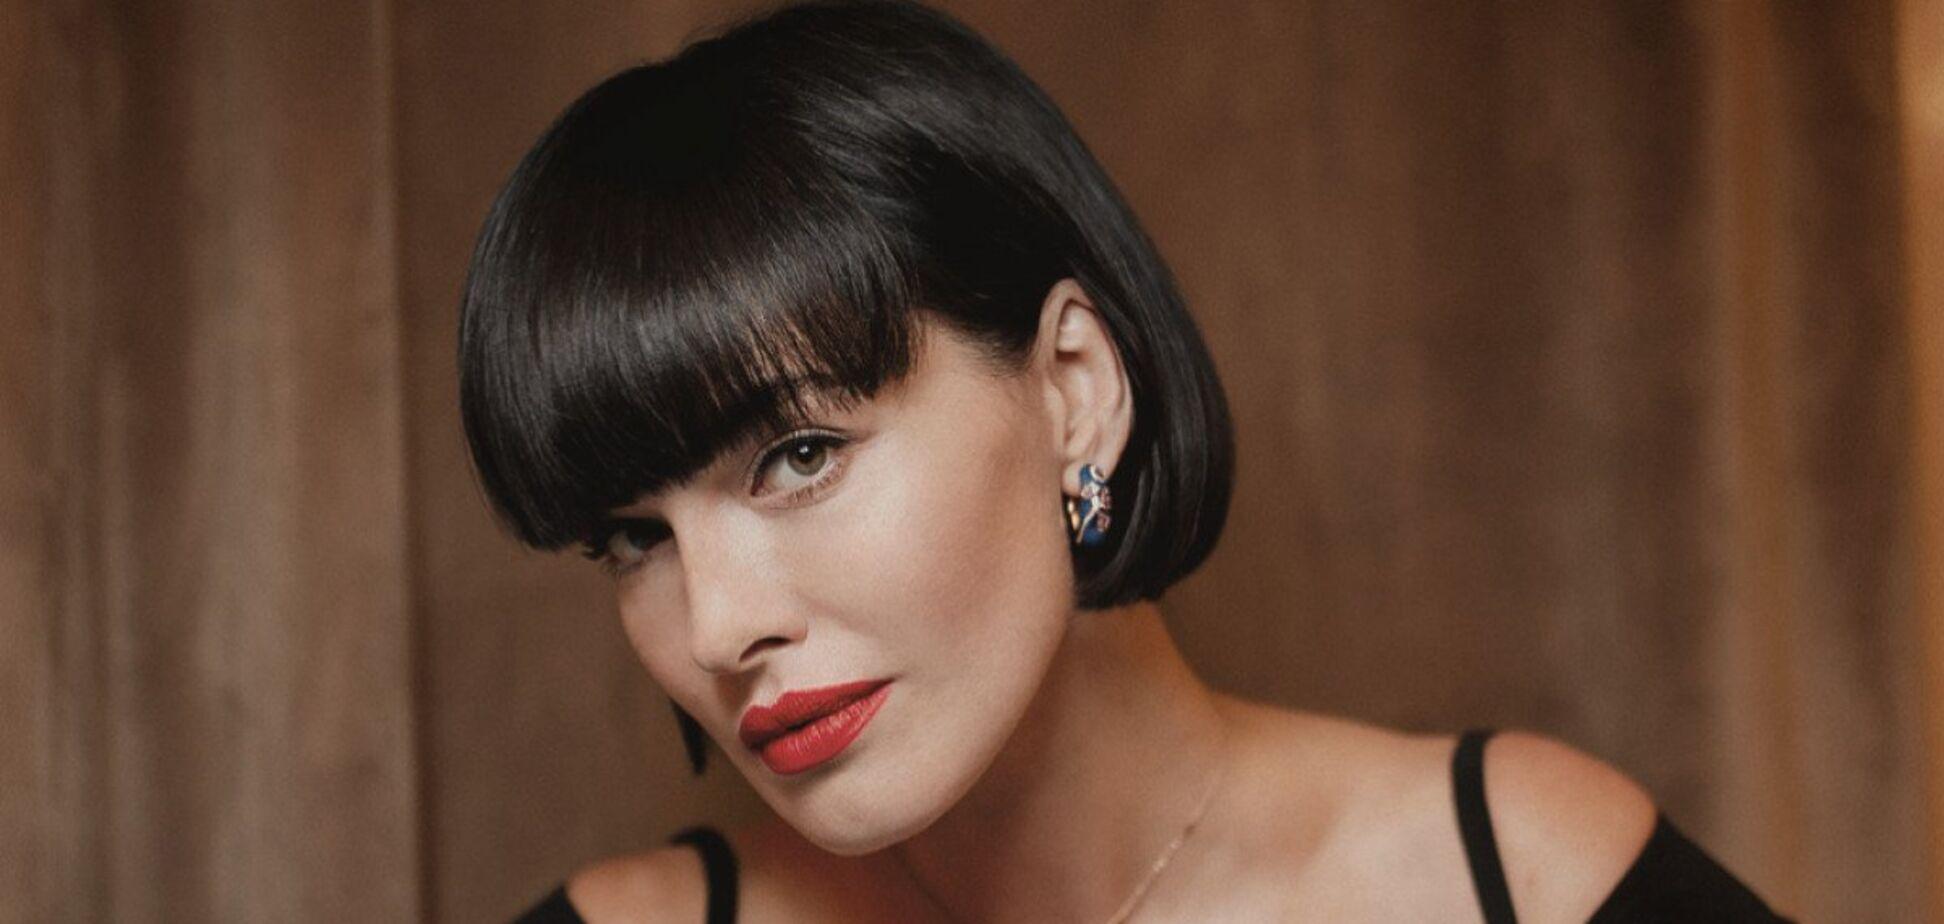 Астафьева снялась в сексуальной фотосессии в откровенном наряде. Фото и видео